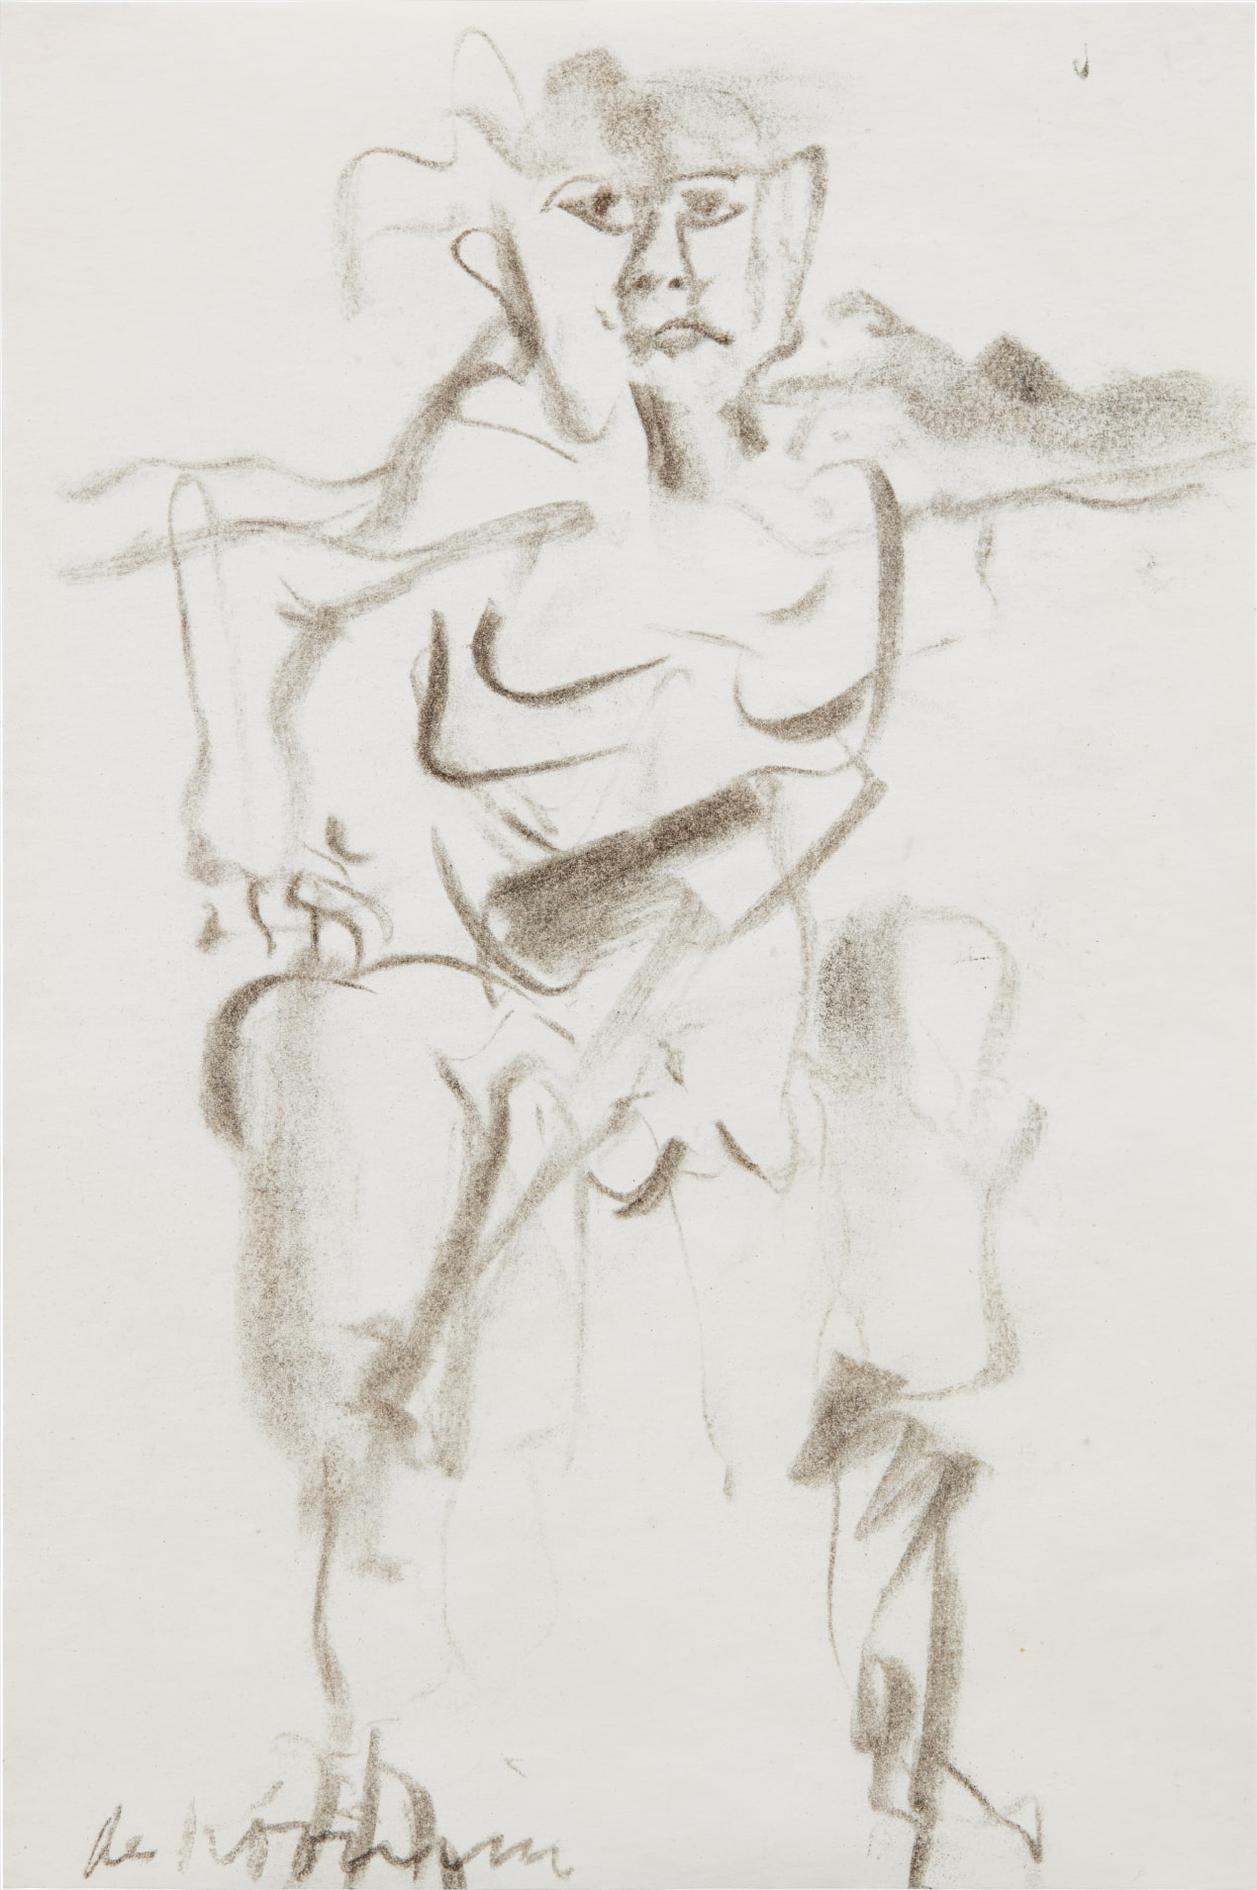 Willem de Kooning-Untitled (Man)-1966